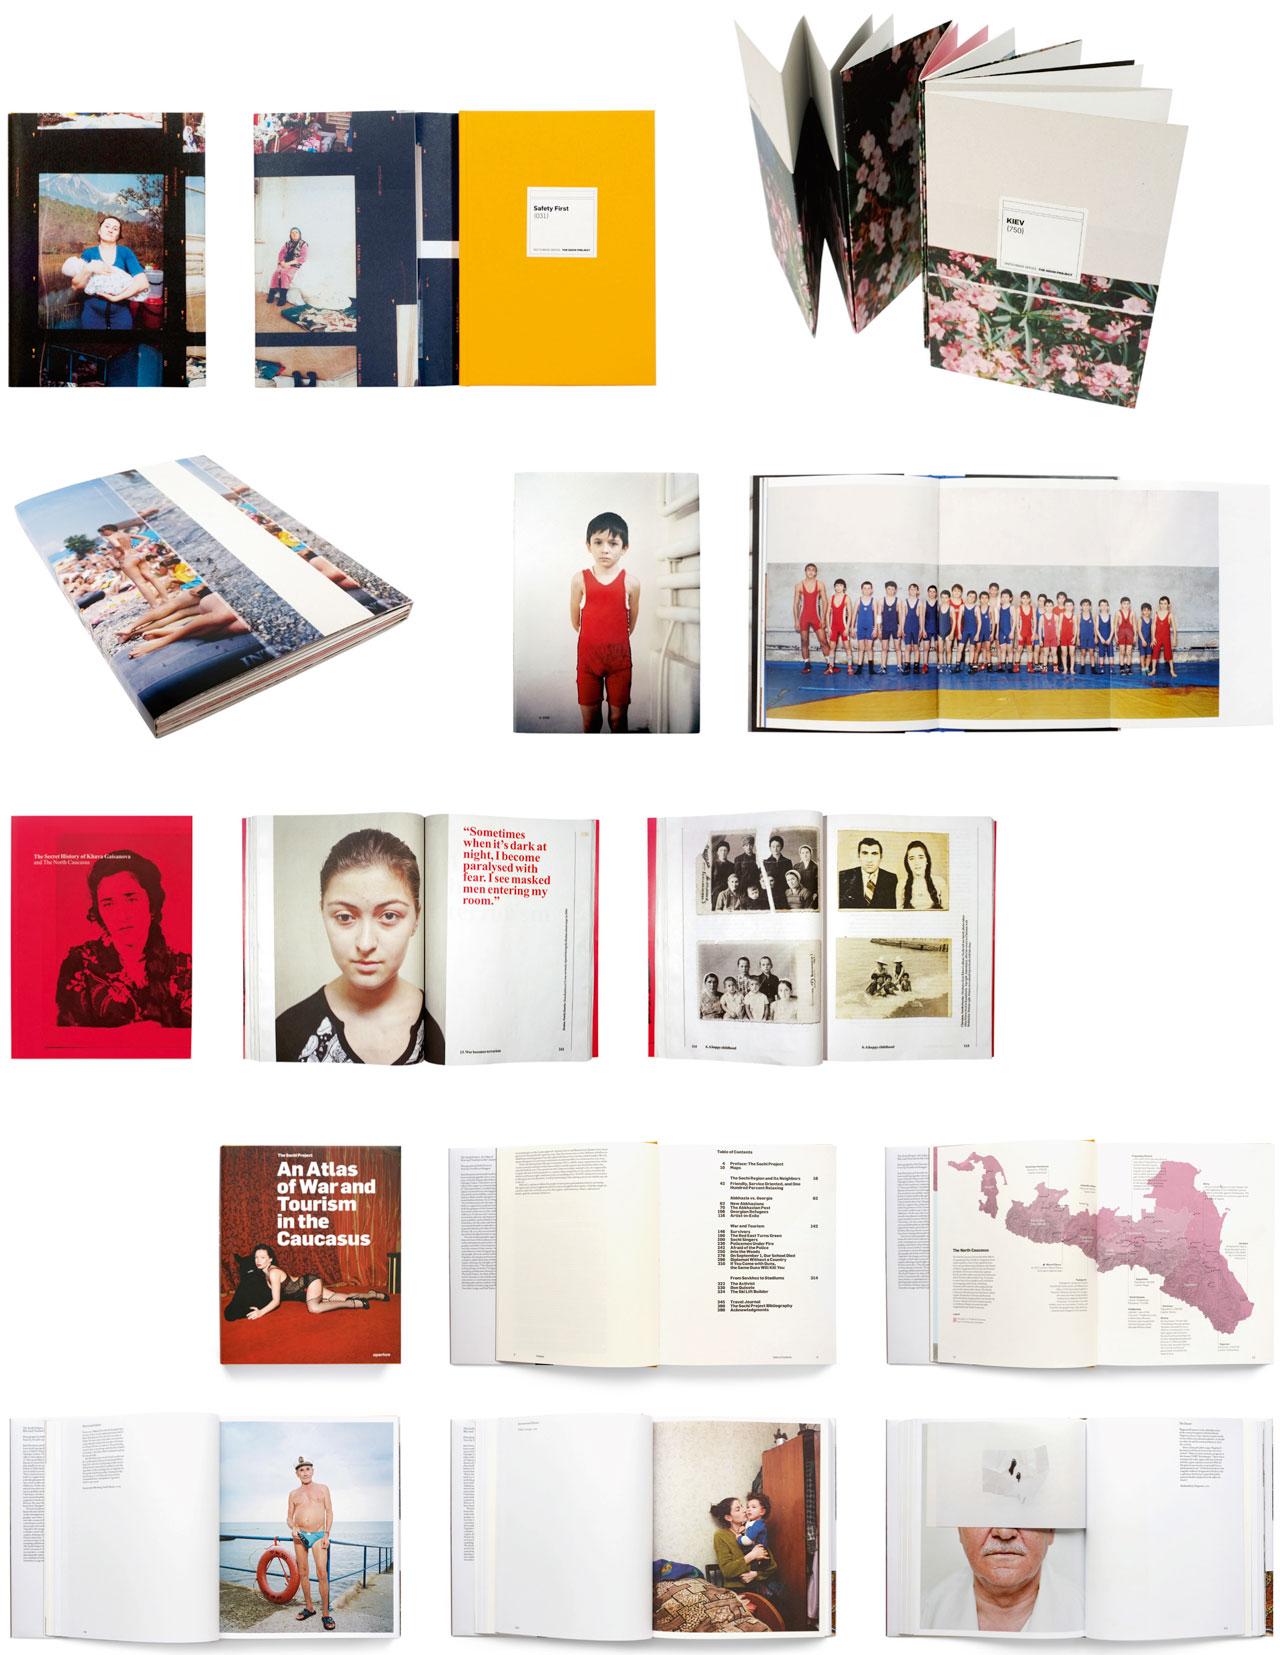 Intelligente Vermarktung des »Slow Journalism«: Für ihre Macher sind die Bücher eine geeignete Präsentationsform, für Buchliebhaber begehrte Sammlerstücke.